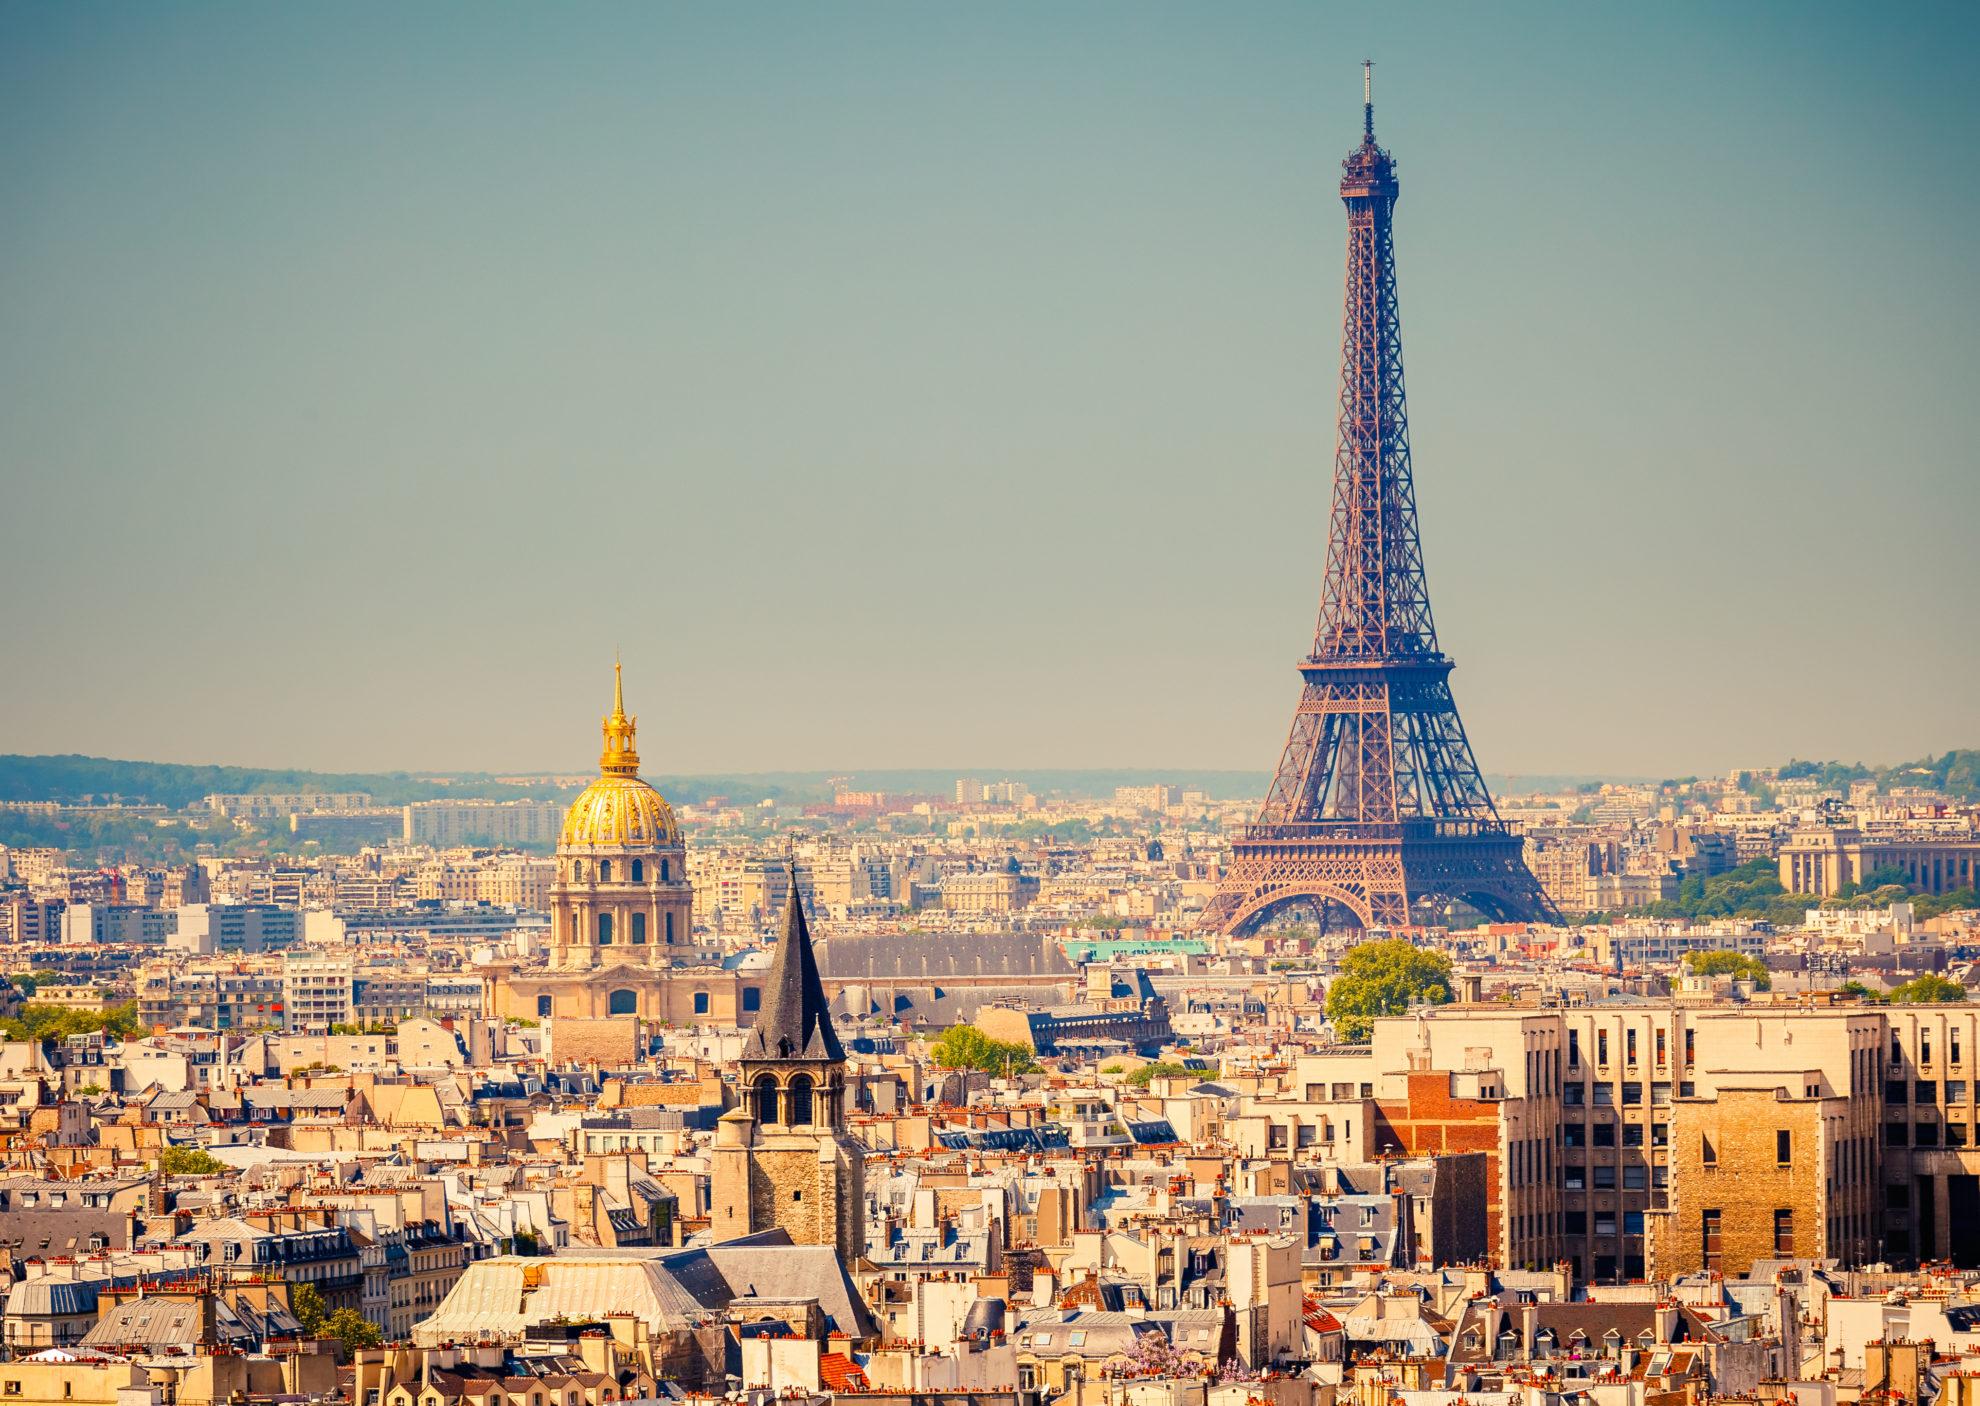 Във Франция вече е изнасилване всеки сексуален акт на пълнолетен с дете под 15 години